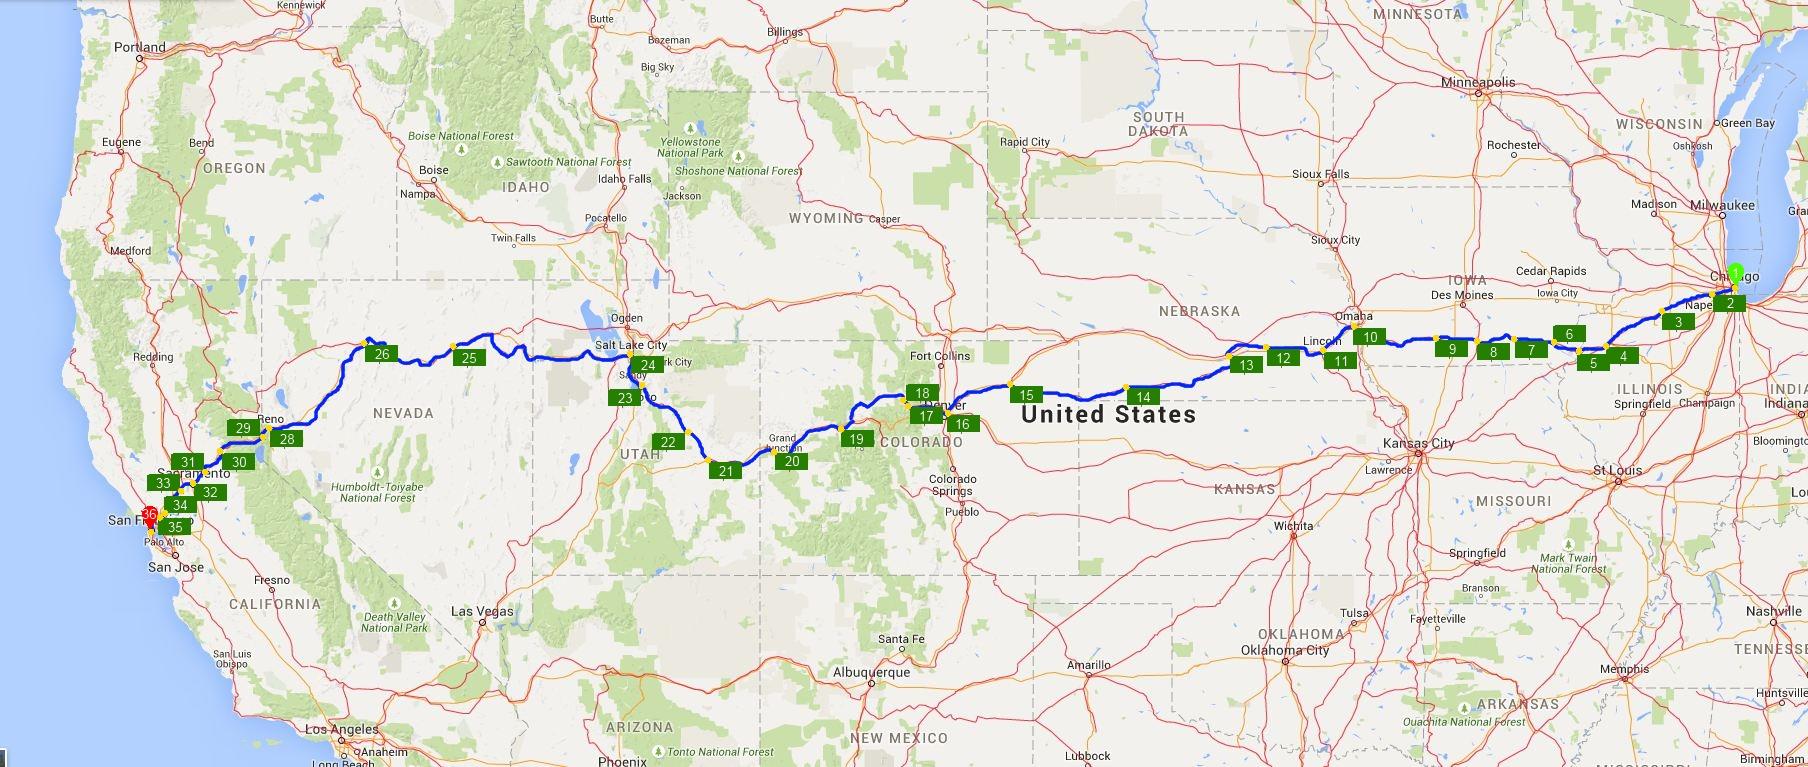 California Zephyr Route Nanovor New Amtrak Map - Touran - California Zephyr Map